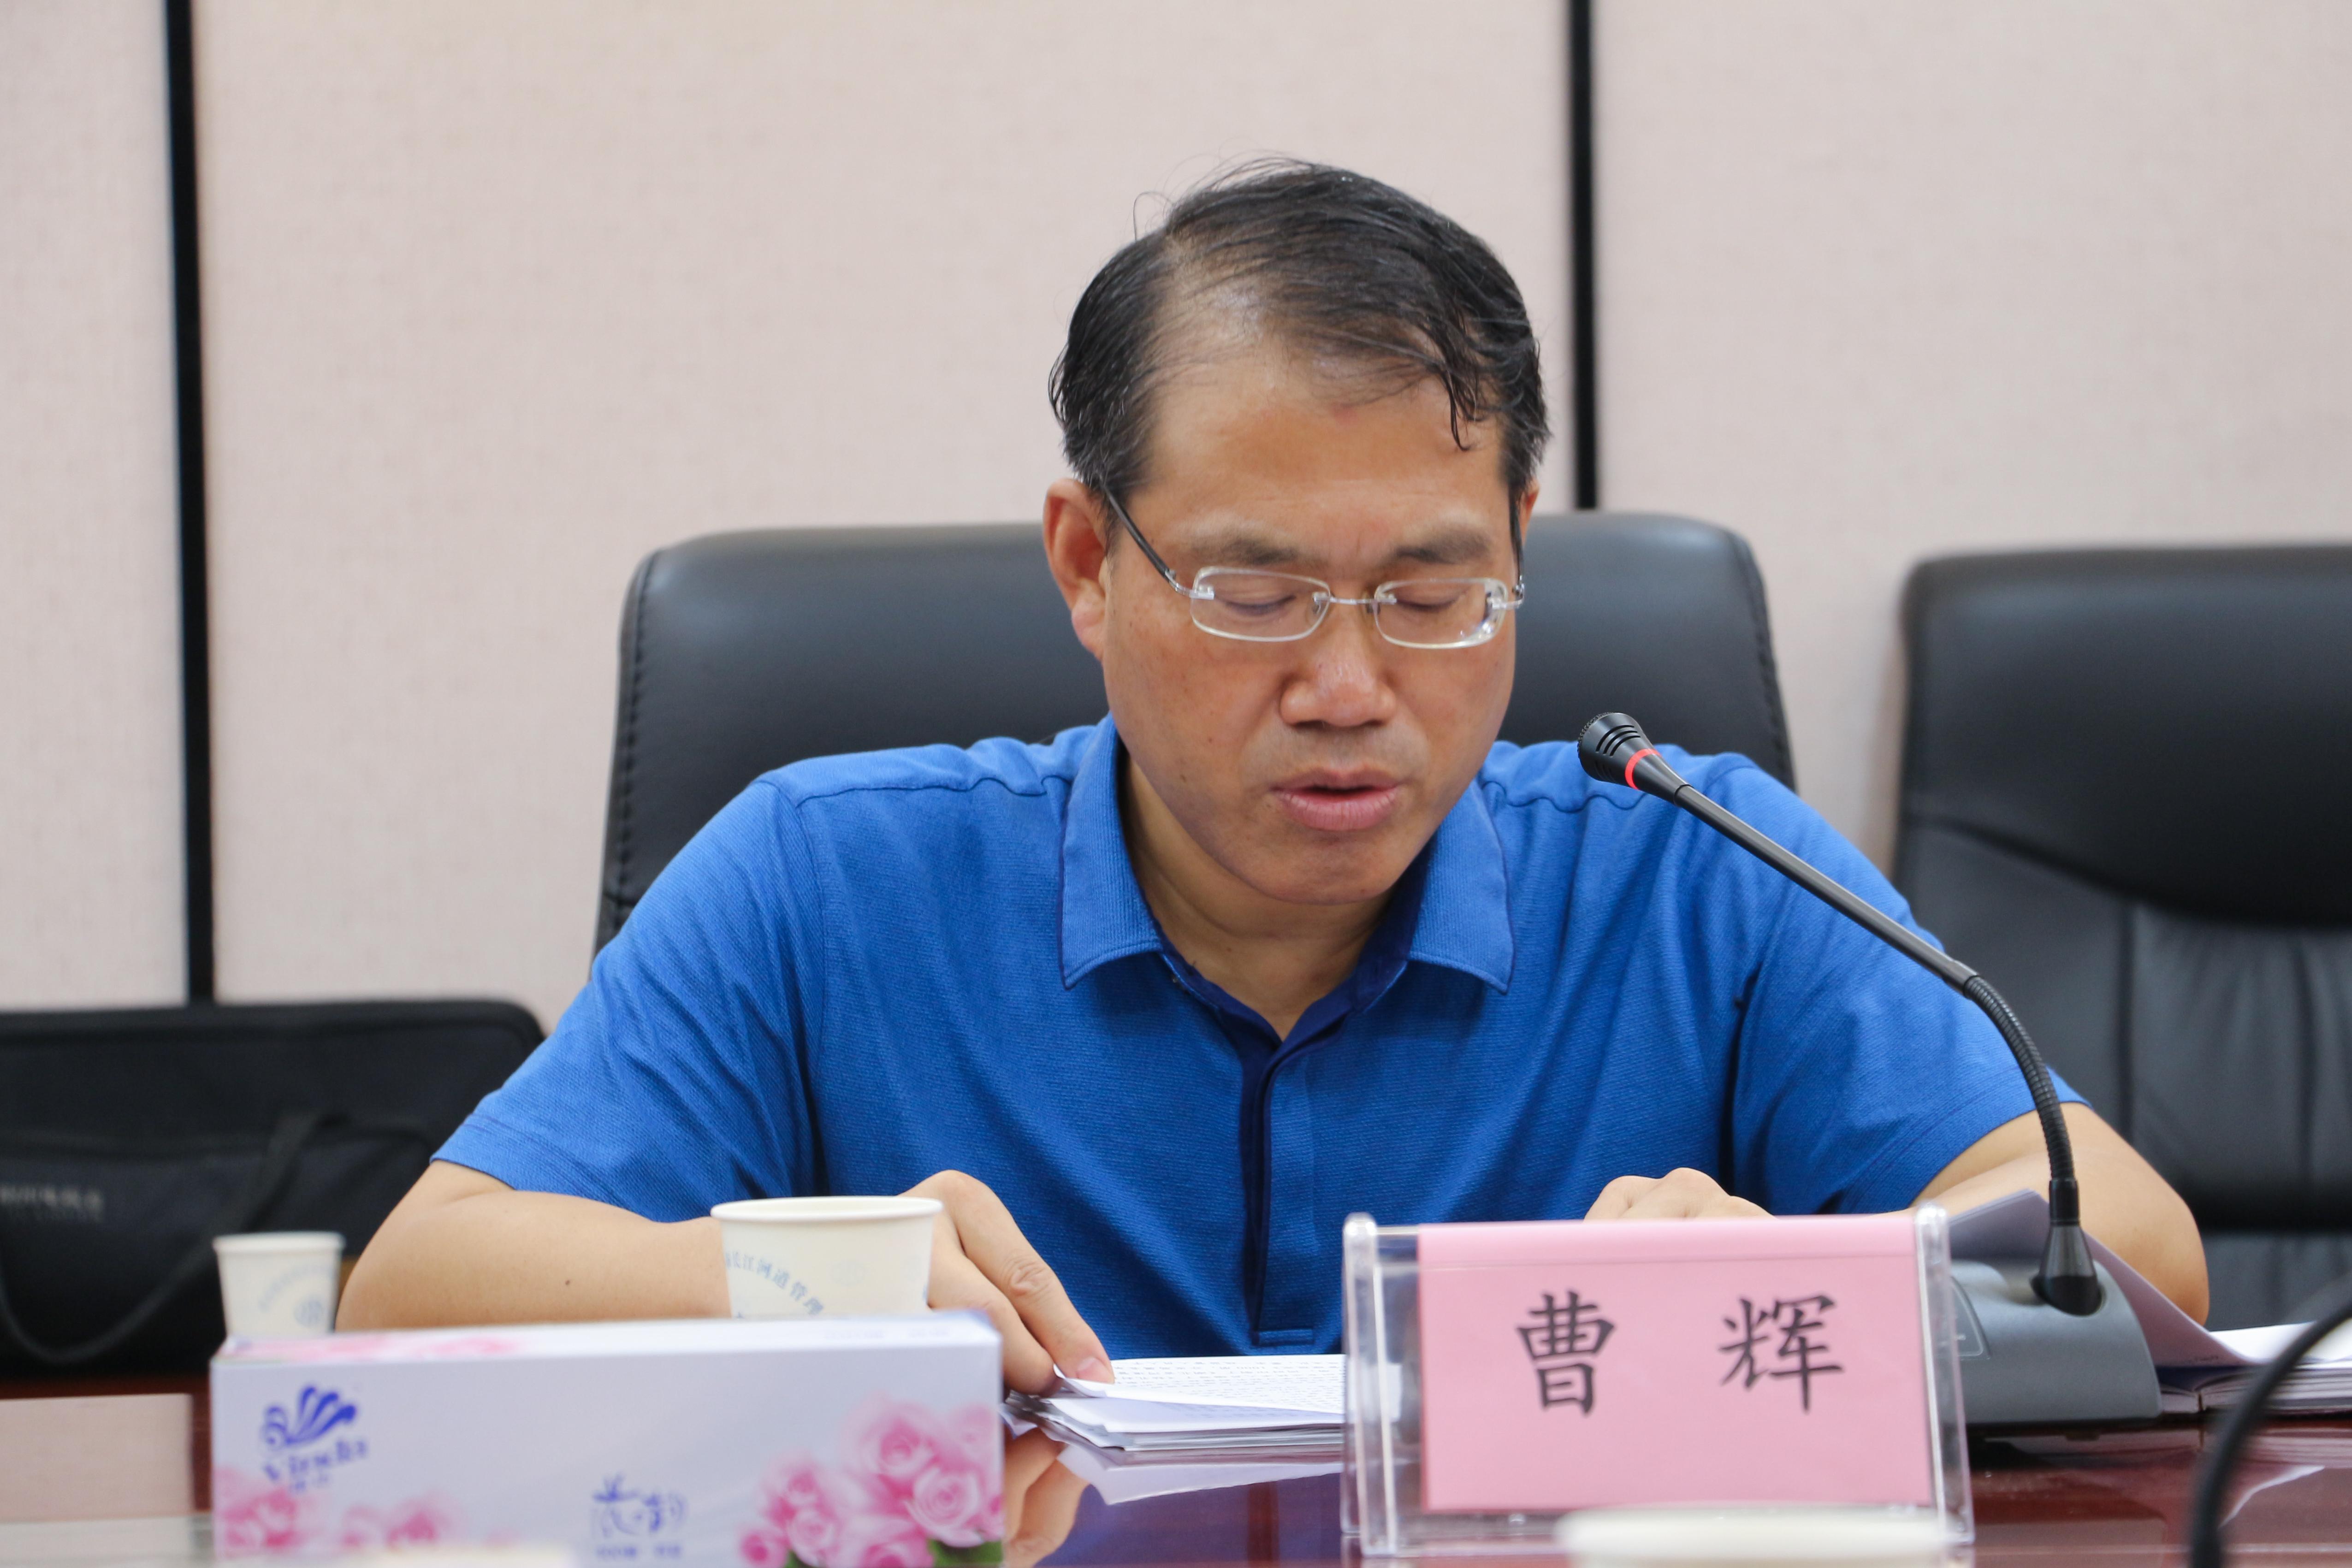 荆州市沙市区邮编_借力河长制 推进大保护_荆州市长江河道管理局